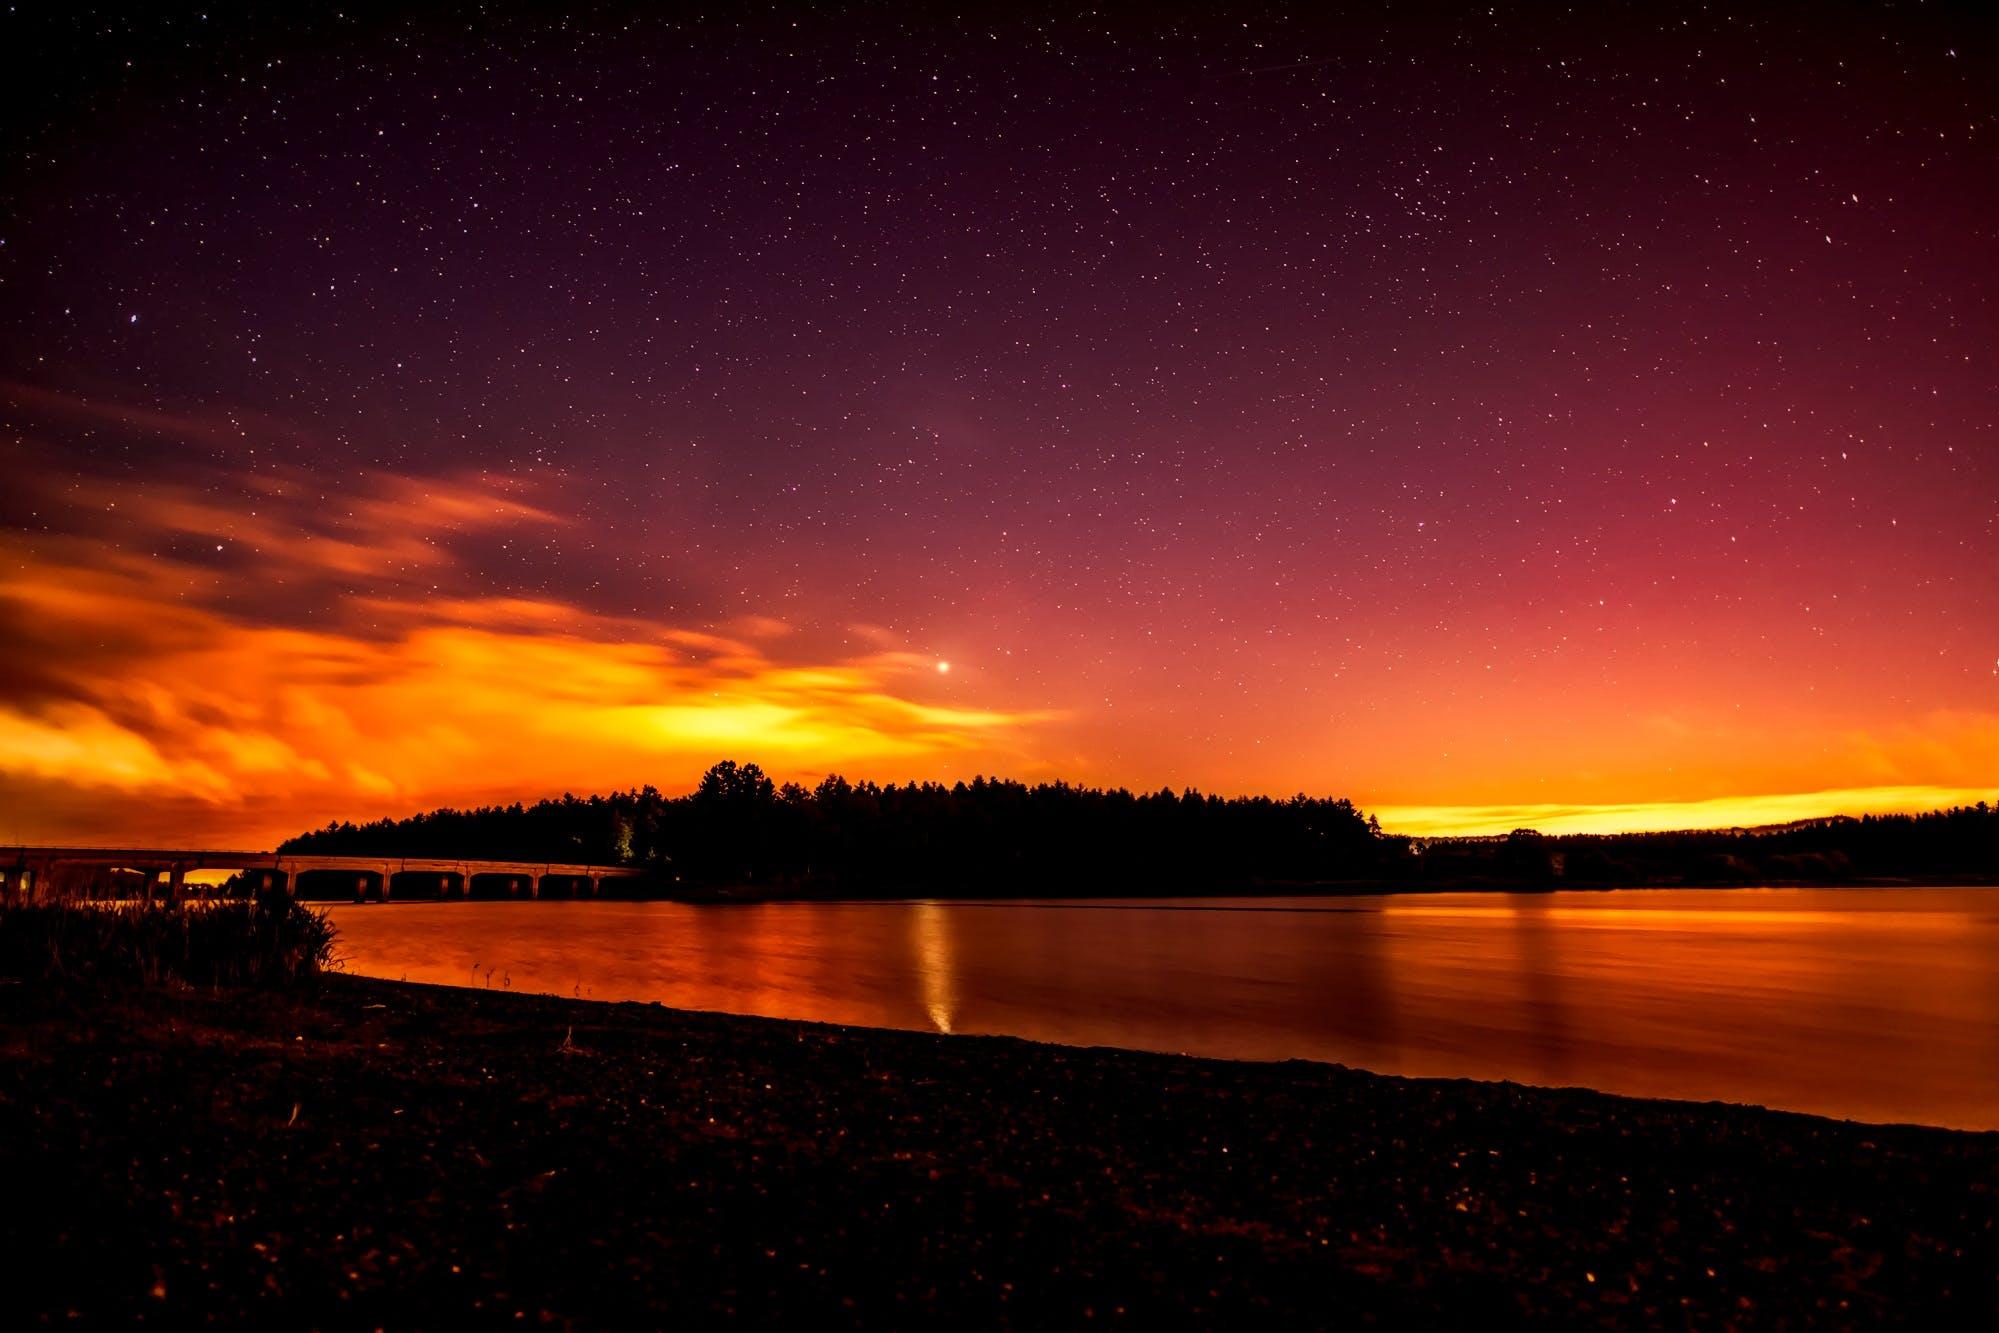 天性, 思考, 日落, 晚間 的 免費圖庫相片